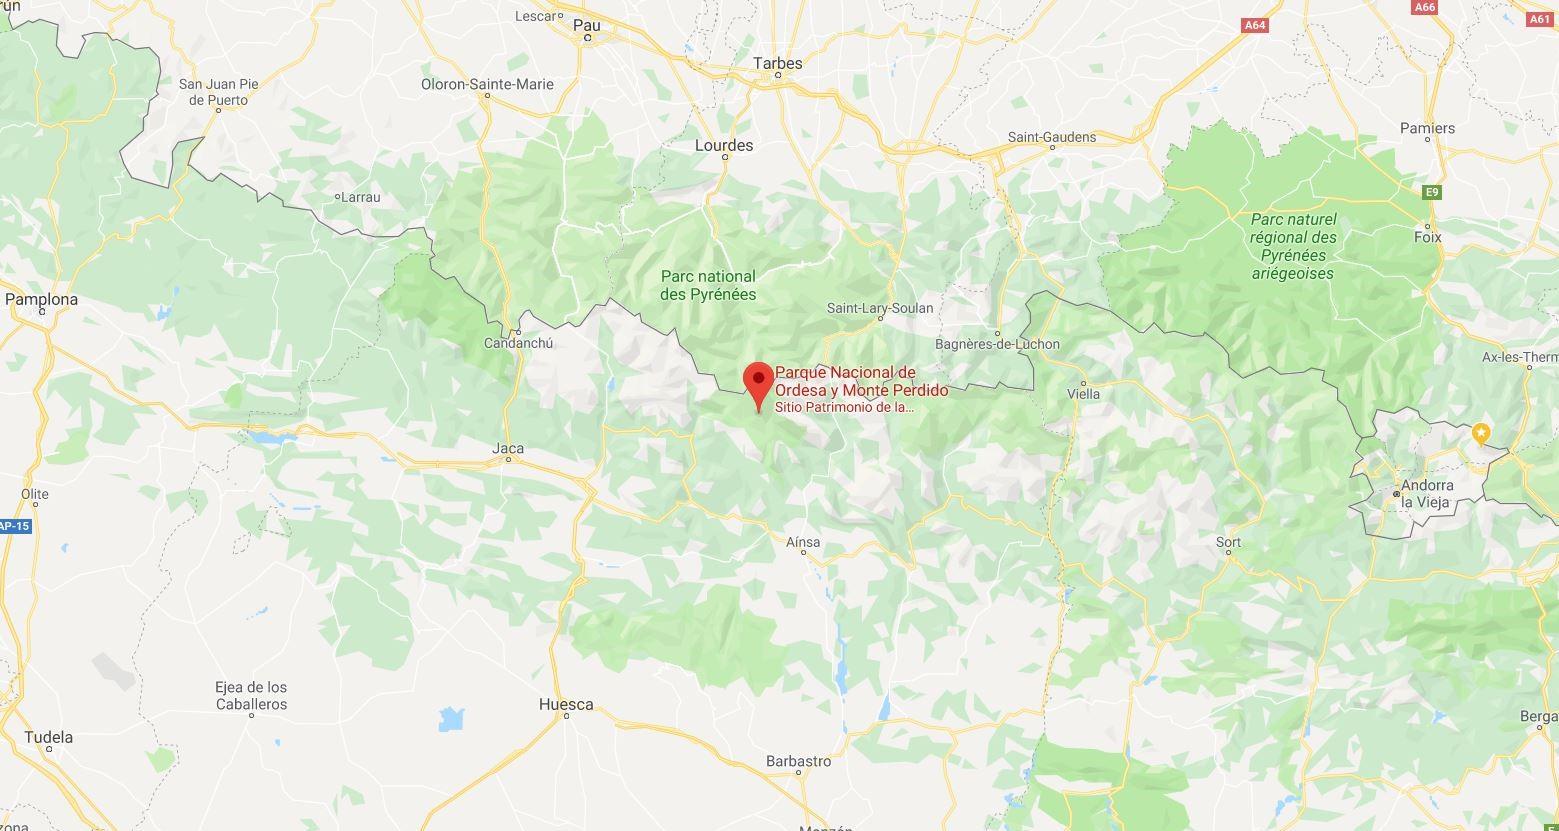 Ordesa y Monte Perdido Mapa